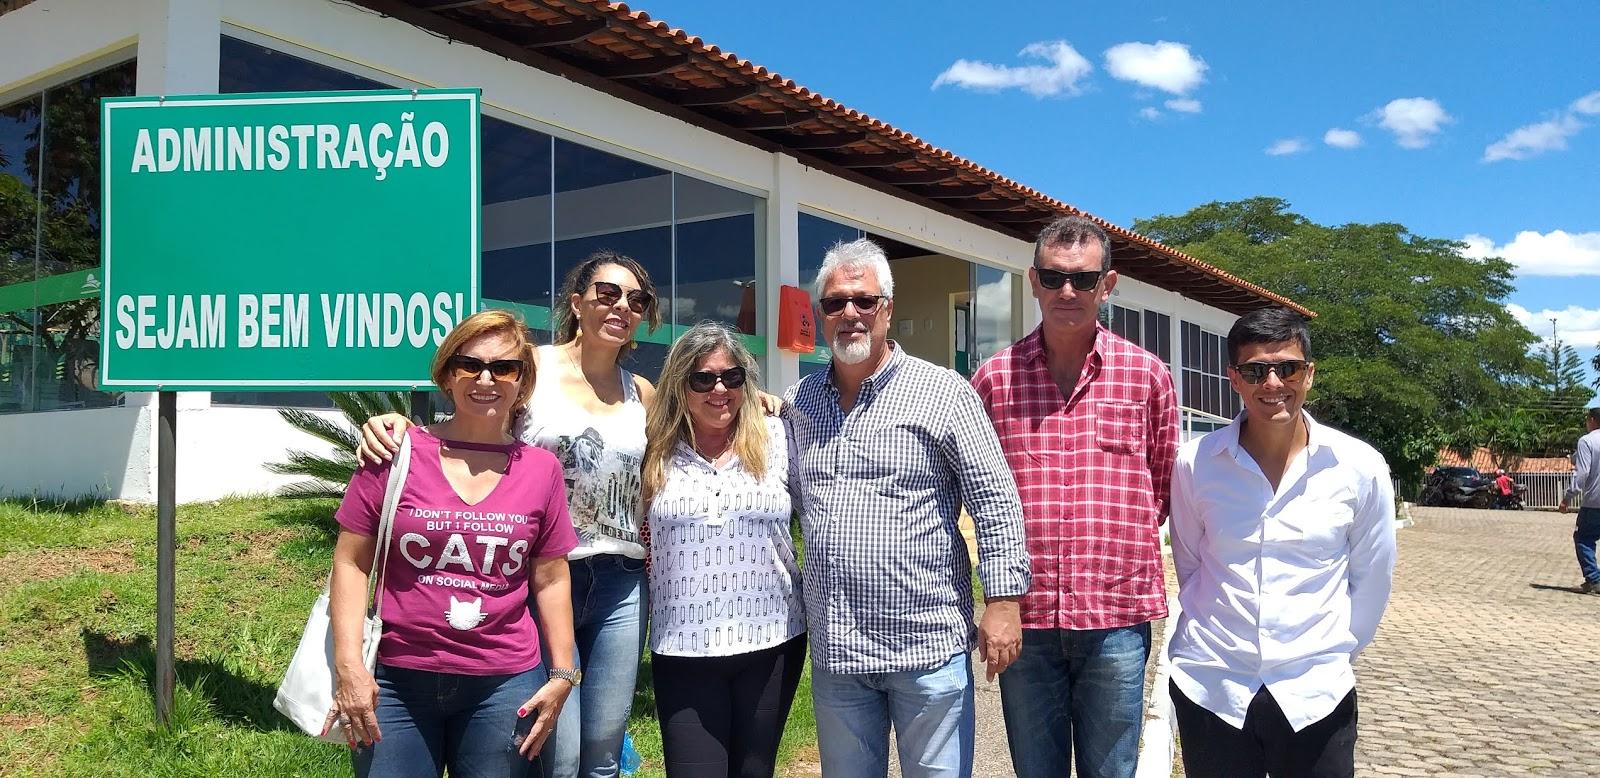 20190114 115447 - O administrador regional do Jardim Botânico, João Carlos Lóssio lançou, nesta segunda feira, ações de limpeza nas ruas que acontecerão de 14 a 16 de janeiro de 2019. SOS DF